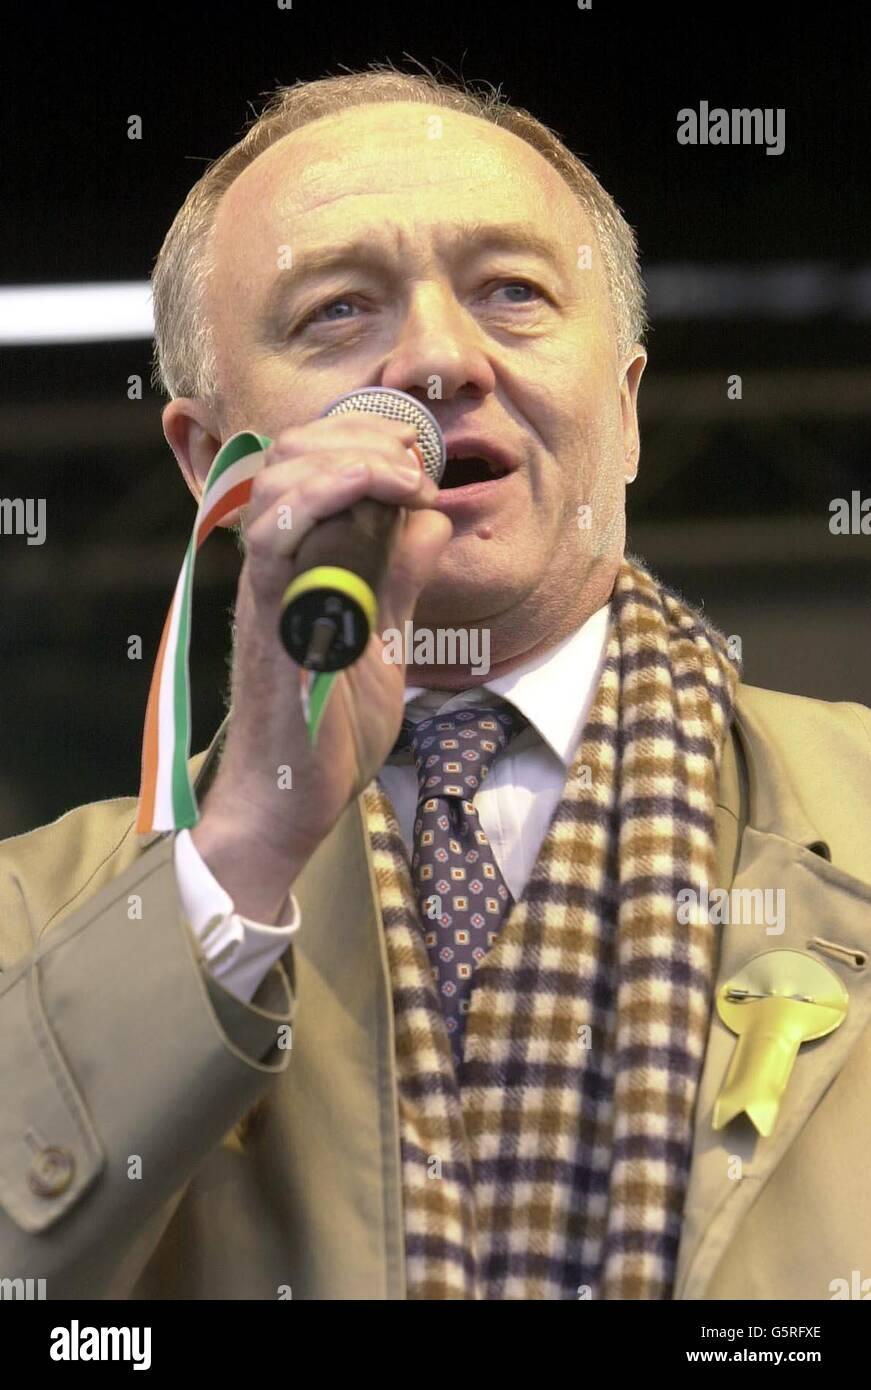 Ken Livingstone - St Patricks Day - Stock Image